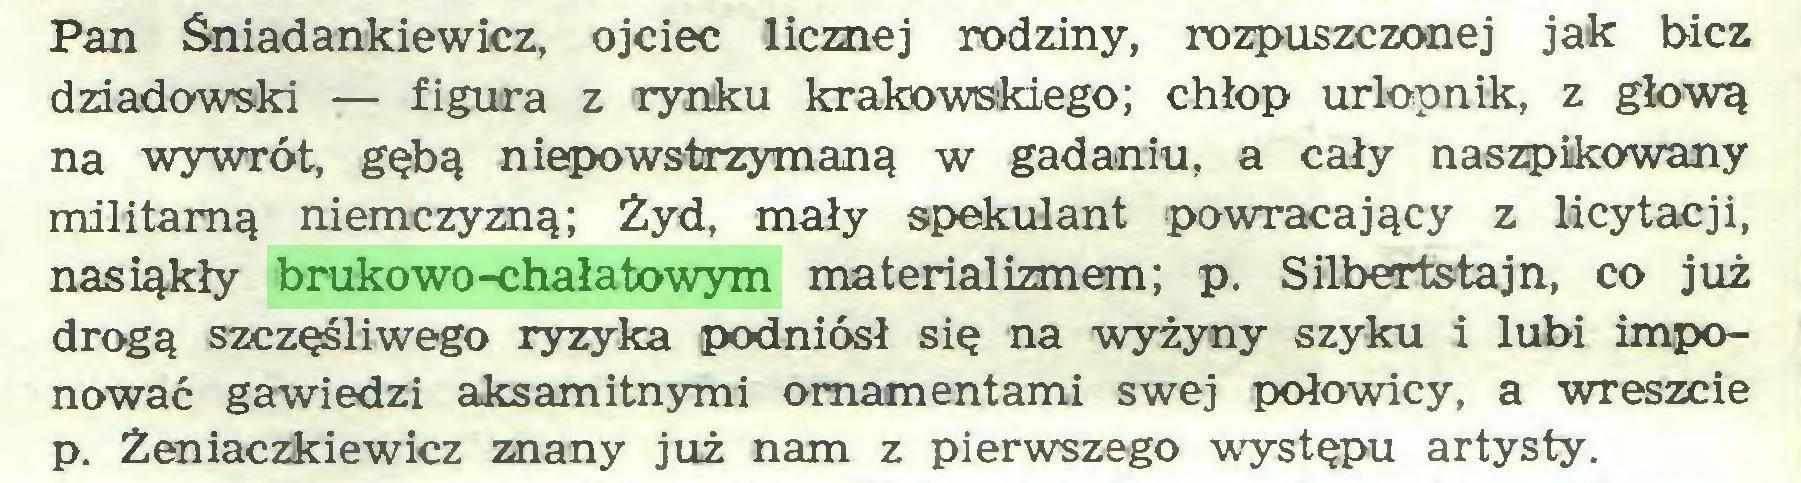 (...) Pan Sniadankiewicz, ojciec licznej rodziny, rozpuszczonej jak bicz dziadowski — figura z rynku krakowskiego; chłop urlopnik, z głową na wywrót, gębą niepowstrzymaną w gadaniu, a cały naszpikowany militarną niemczyzną; Żyd, mały spekulant powracający z licytacji, nasiąkły brukowo-chałatowym materializmem; p. Siibertstajn, co już drogą szczęśliwego ryzyka podniósł się na wyżyny szyku i lubi imponować gawiedzi aksamitnymi ornamentami swej połowicy, a wreszcie p. Żeniaczkiewicz znany już nam z pierwszego występu artysty...